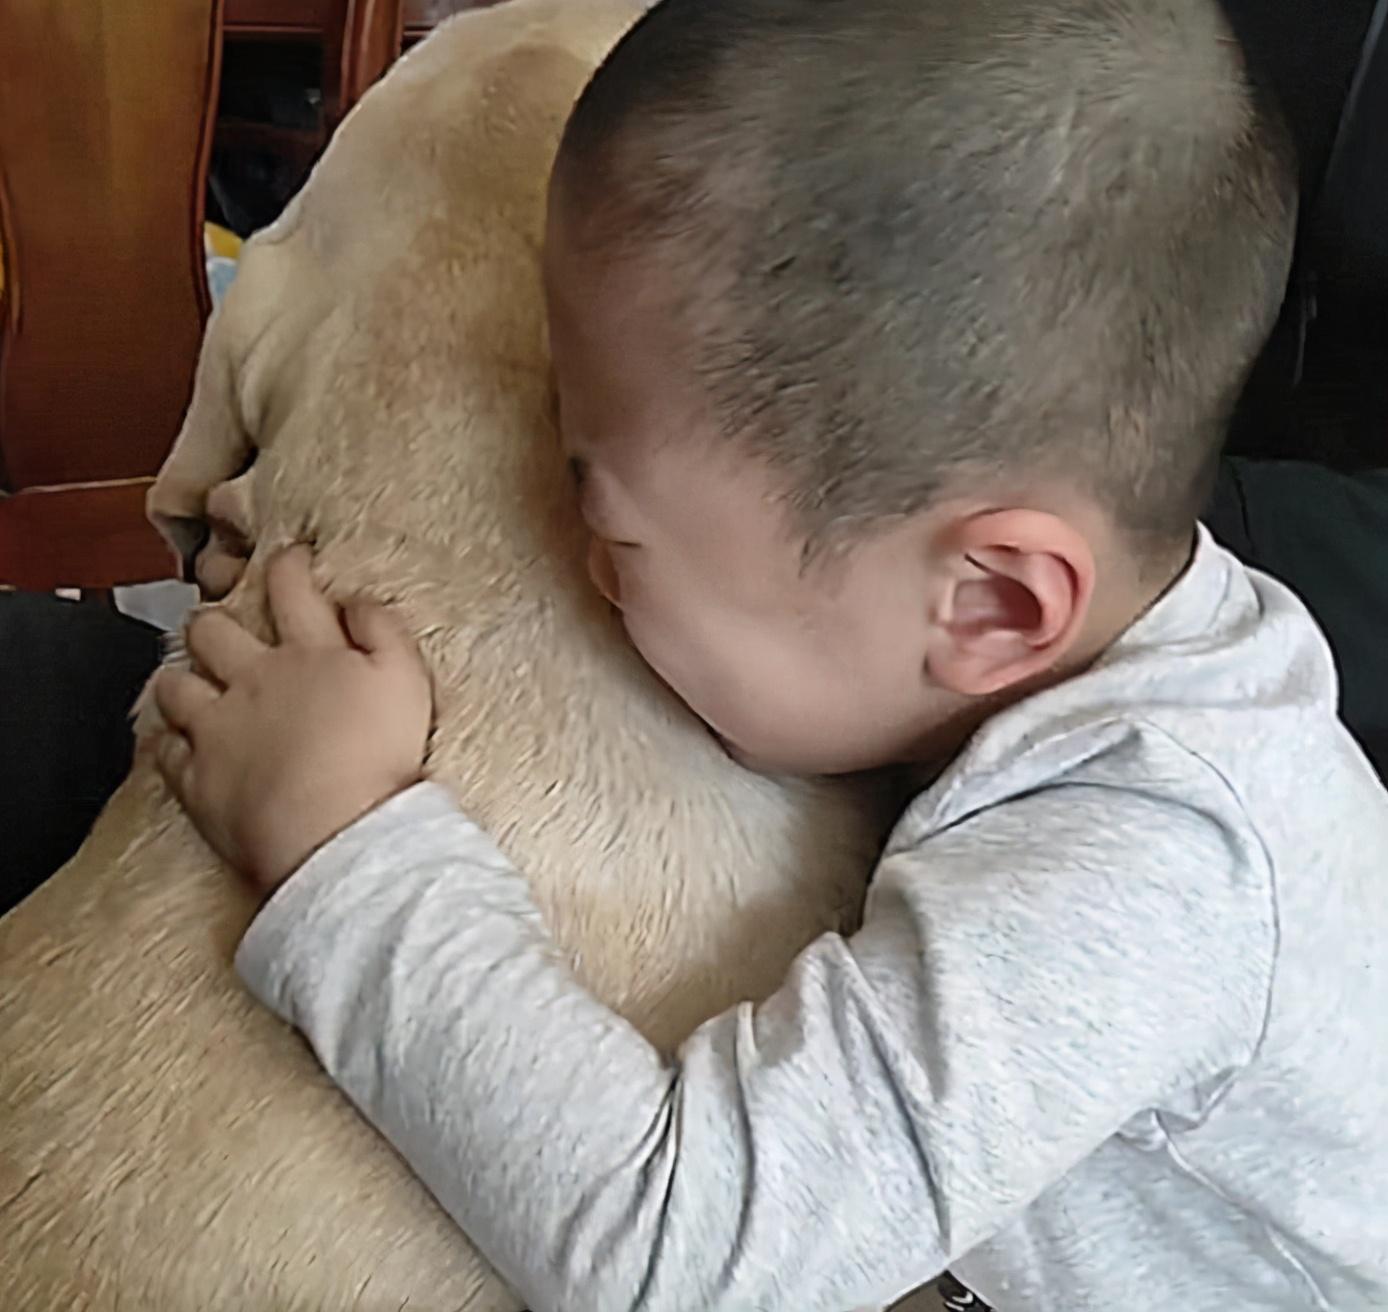 狗狗意外丢失,找到后,宝宝扑上来的动作,一旁的父母看哭了